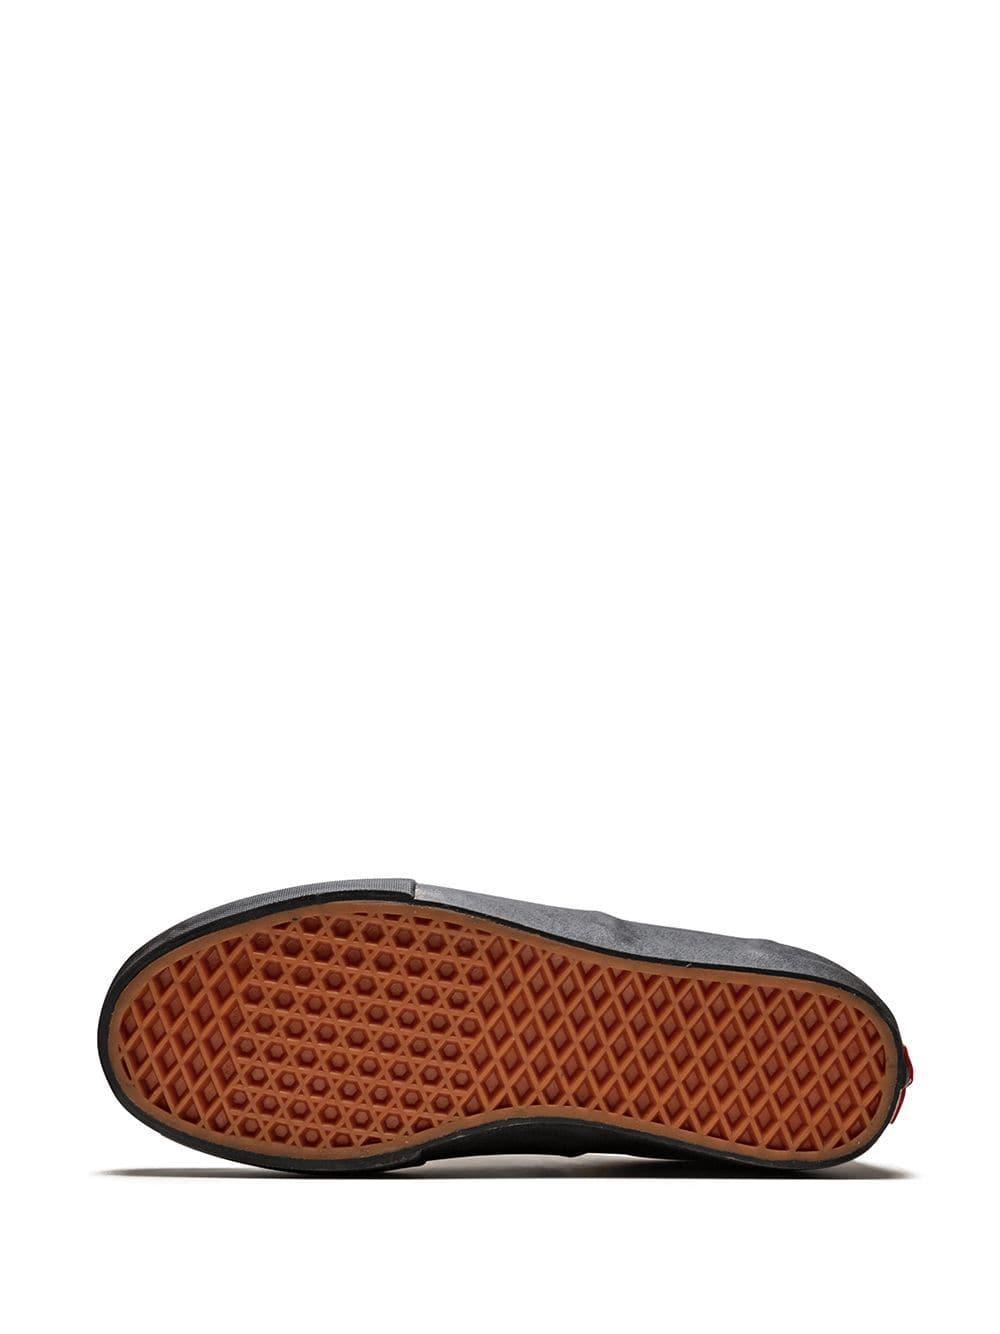 Zapatillas Era Pro Vans de Cuero de hombre